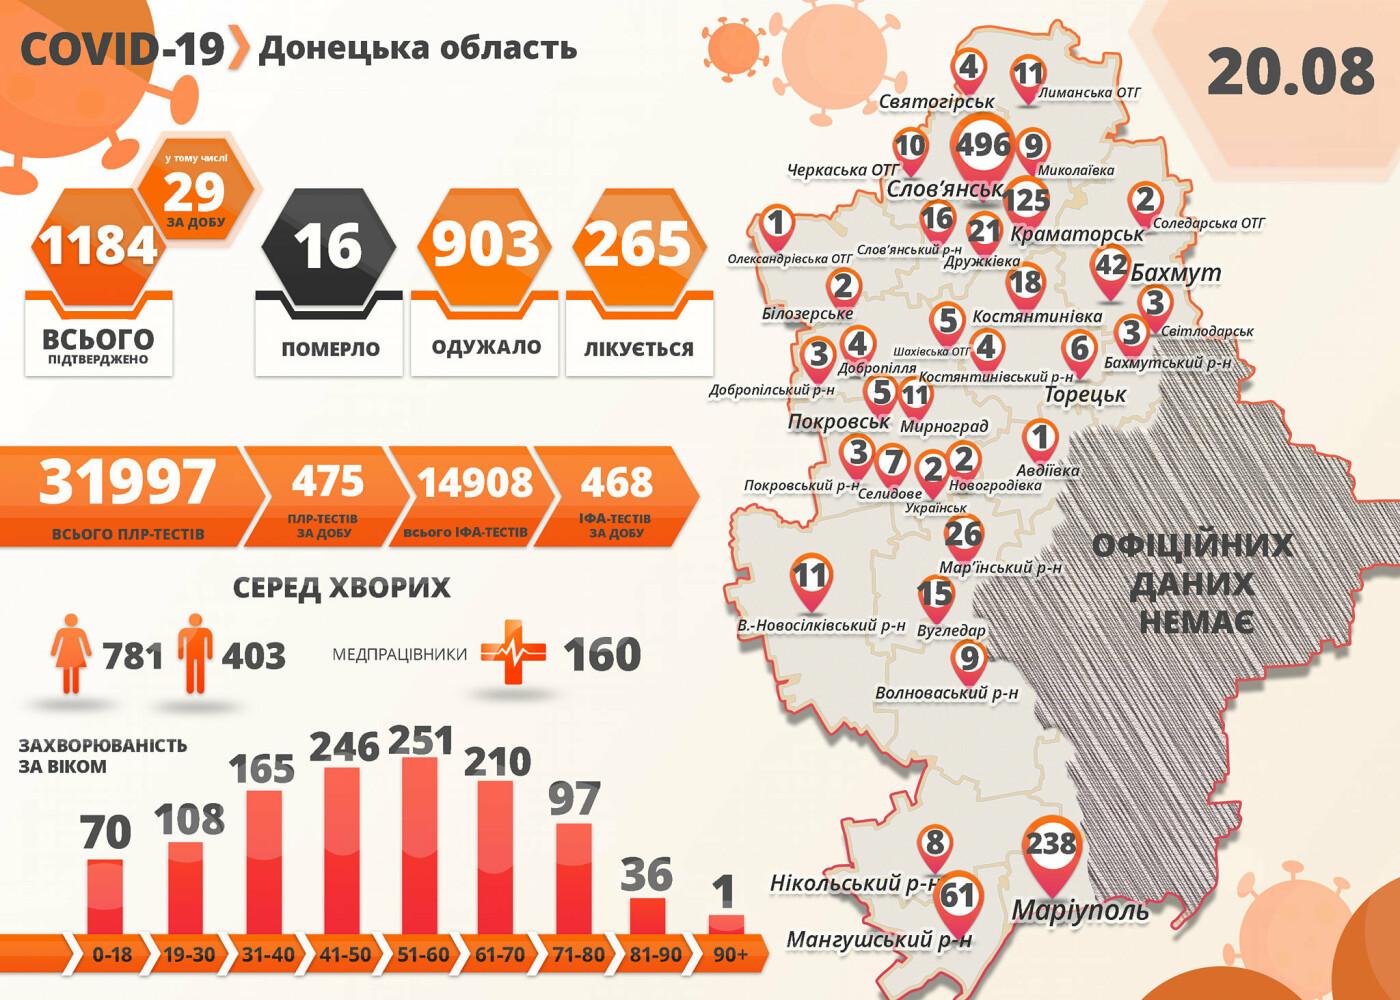 В Донецкой области 29 новых случаев коронавируса, фото-1